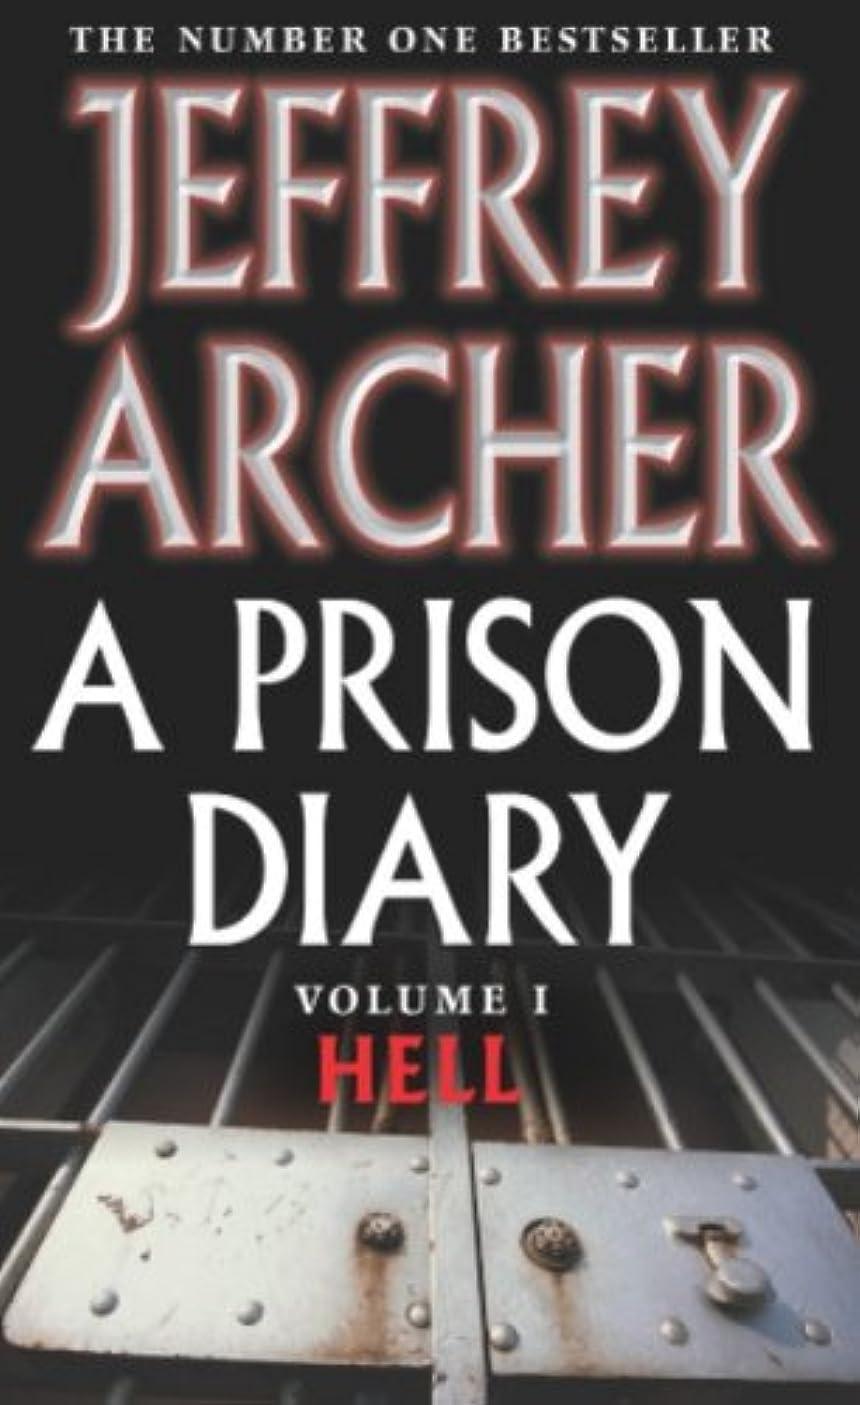 ビバ原告湿地A Prison Diary Volume I: Hell (The Prison Diaries Book 1) (English Edition)